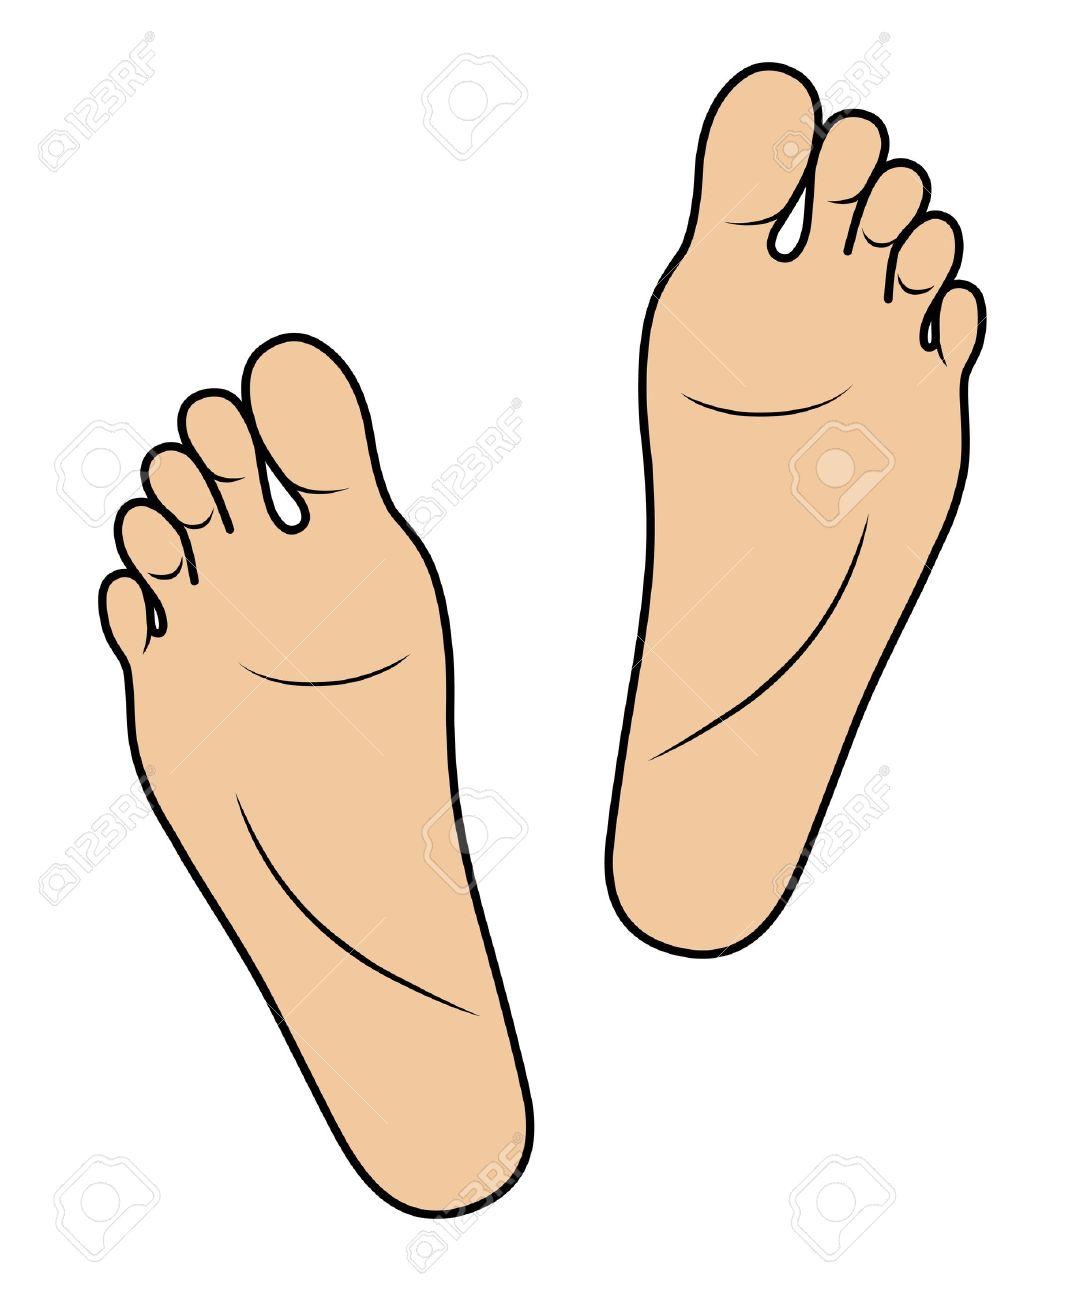 Foot Clipart & Foot Clip Art Images.